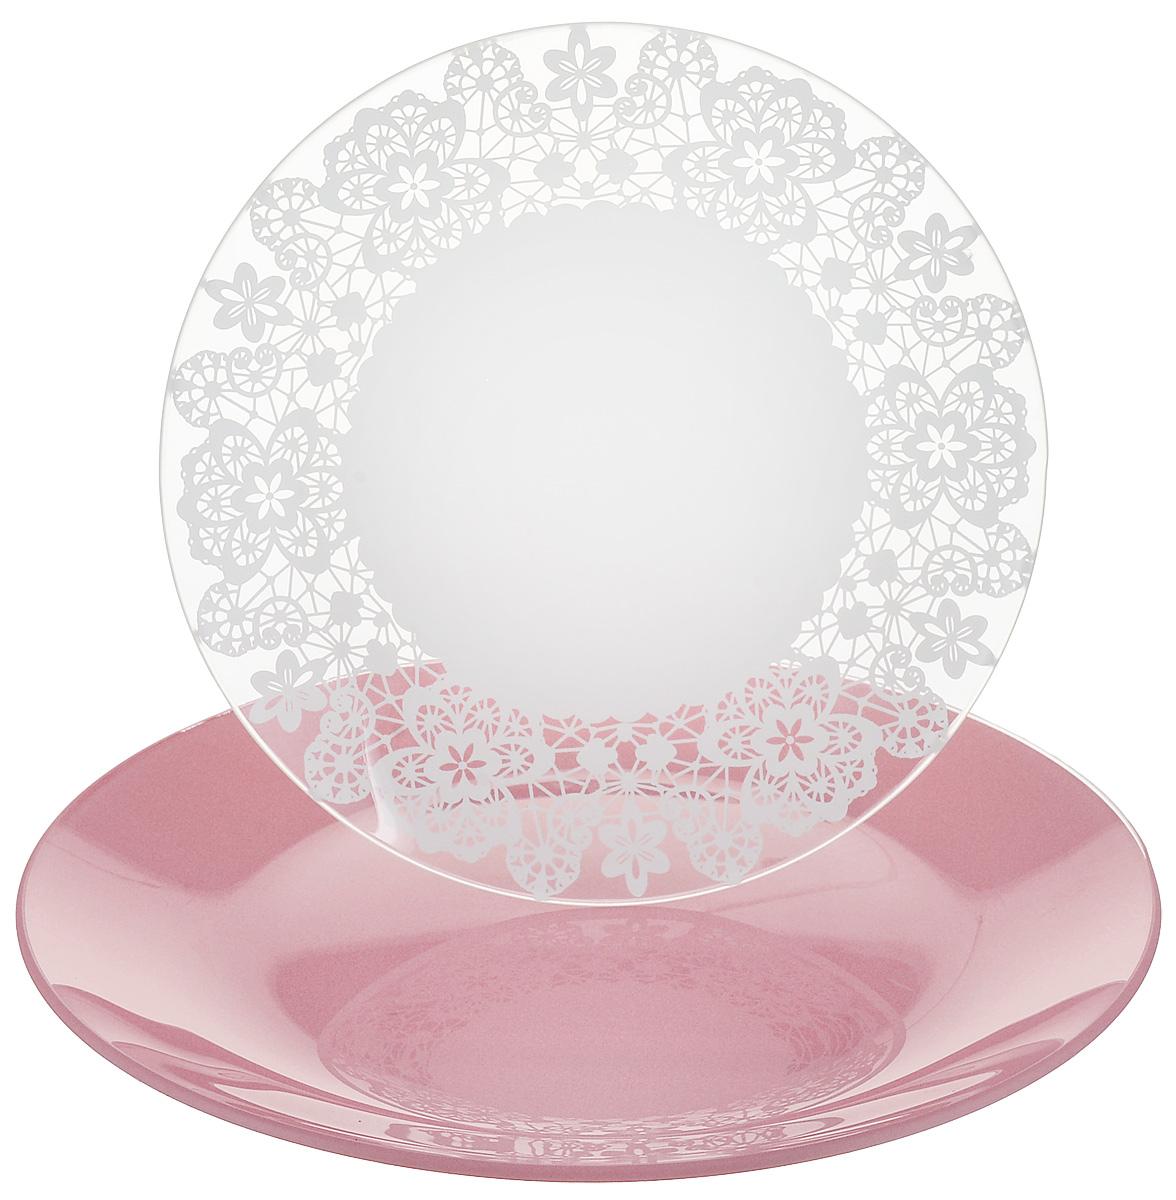 Набор тарелок NiNaGlass, цвет: розовый, диаметр 20 см, 2 шт. 85-200-142пср85-200-142псрНабор тарелок NiNaGlass Кружево и Палитра выполнена из высококачественного стекла, декорирована под Вологодское кружево и подстановочная тарелка яркий насыщенный цвет. Набор идеален для подачи горячих блюд, сервировки праздничного стола, нарезок, салатов, овощей и фруктов. Он отлично подойдет как для повседневных, так и для торжественных случаев. Такой набор прекрасно впишется в интерьер вашей кухни и станет достойным дополнением к кухонному инвентарю.